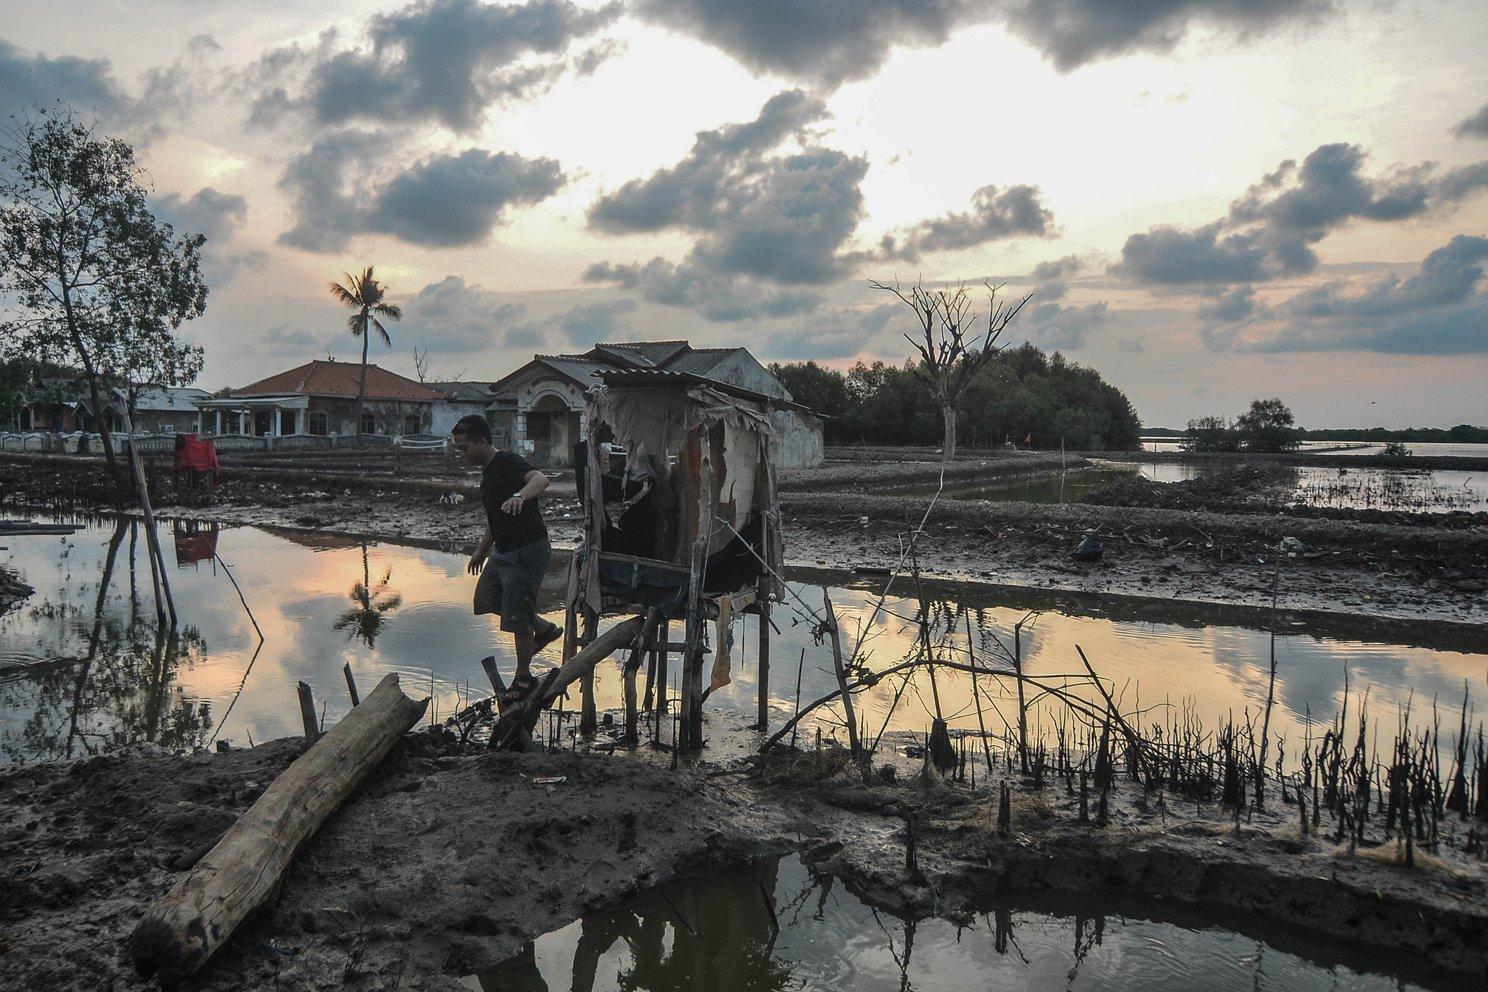 Seorang warga keluar dari sarana MCK di Kampung Beting, Desa Pantai Bahagia, Kecamatan Muara Gembong, Kabupaten Bekasi, Jawa Barat, Selasa (26/11/2019).